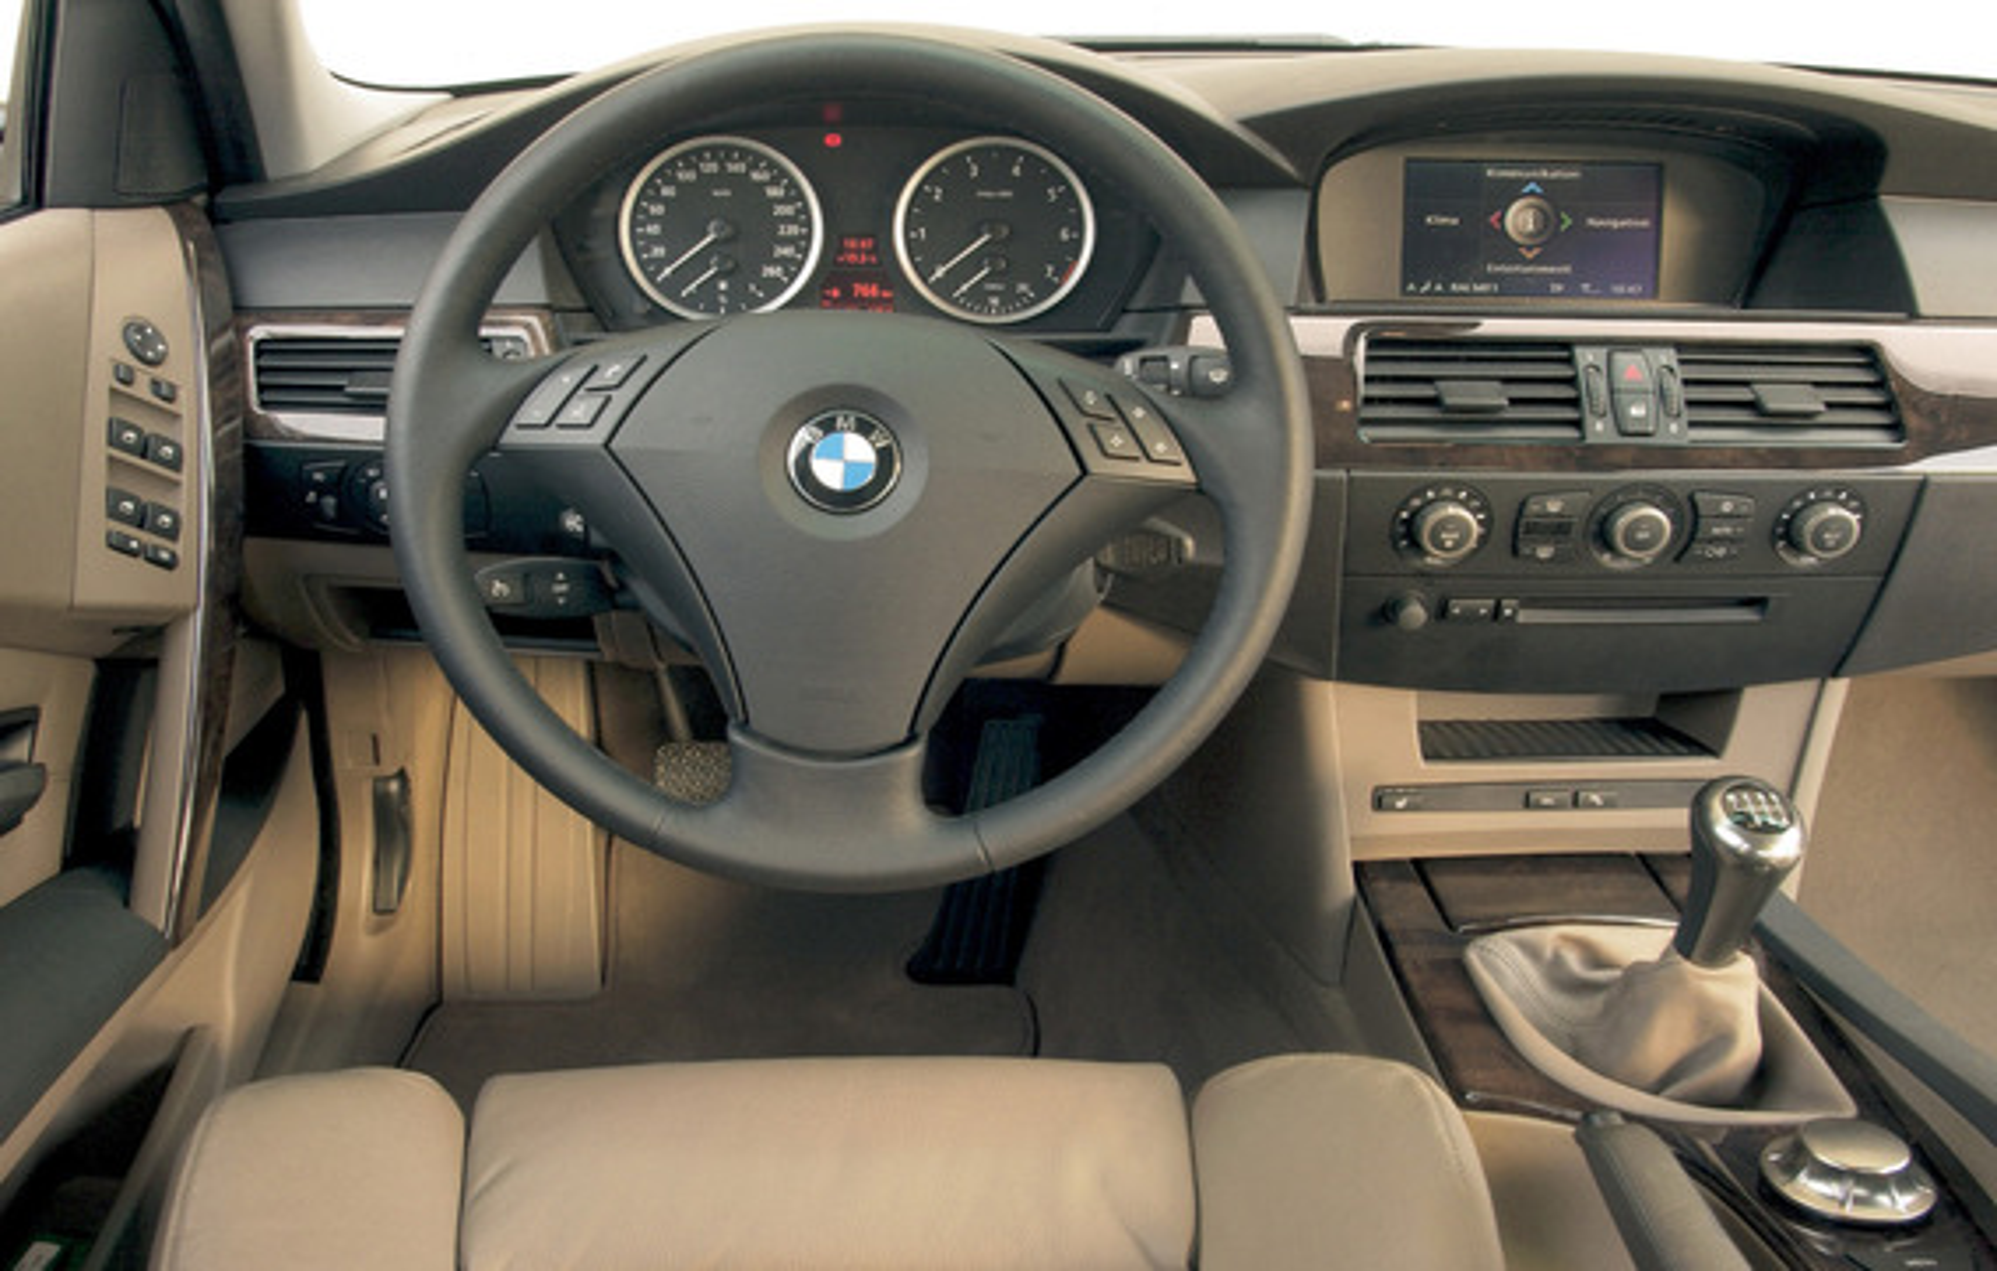 При незаведенном двигателе BMW 5 E60 радио работает только 30 минут, после чего выключается